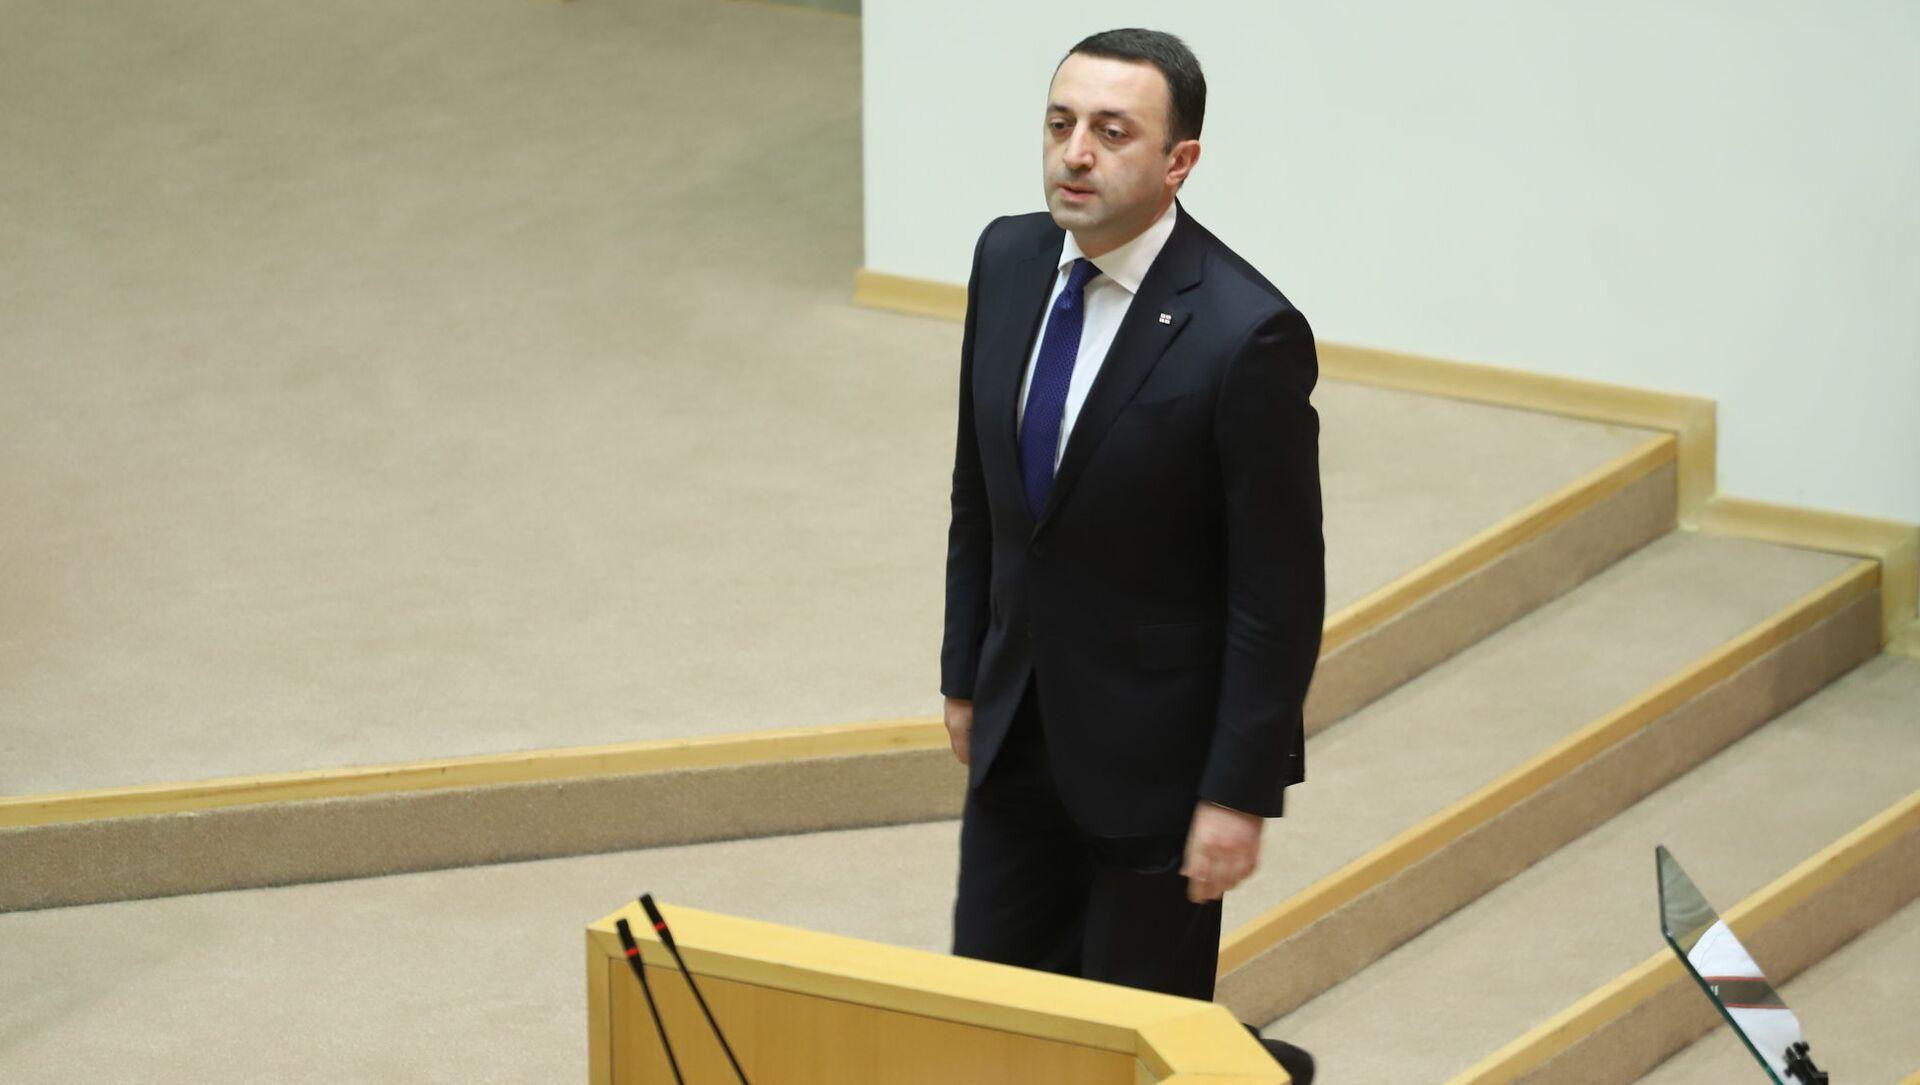 Ираклий Гарибашвили выступает в парламенте Грузии - Sputnik Грузия, 1920, 28.06.2021